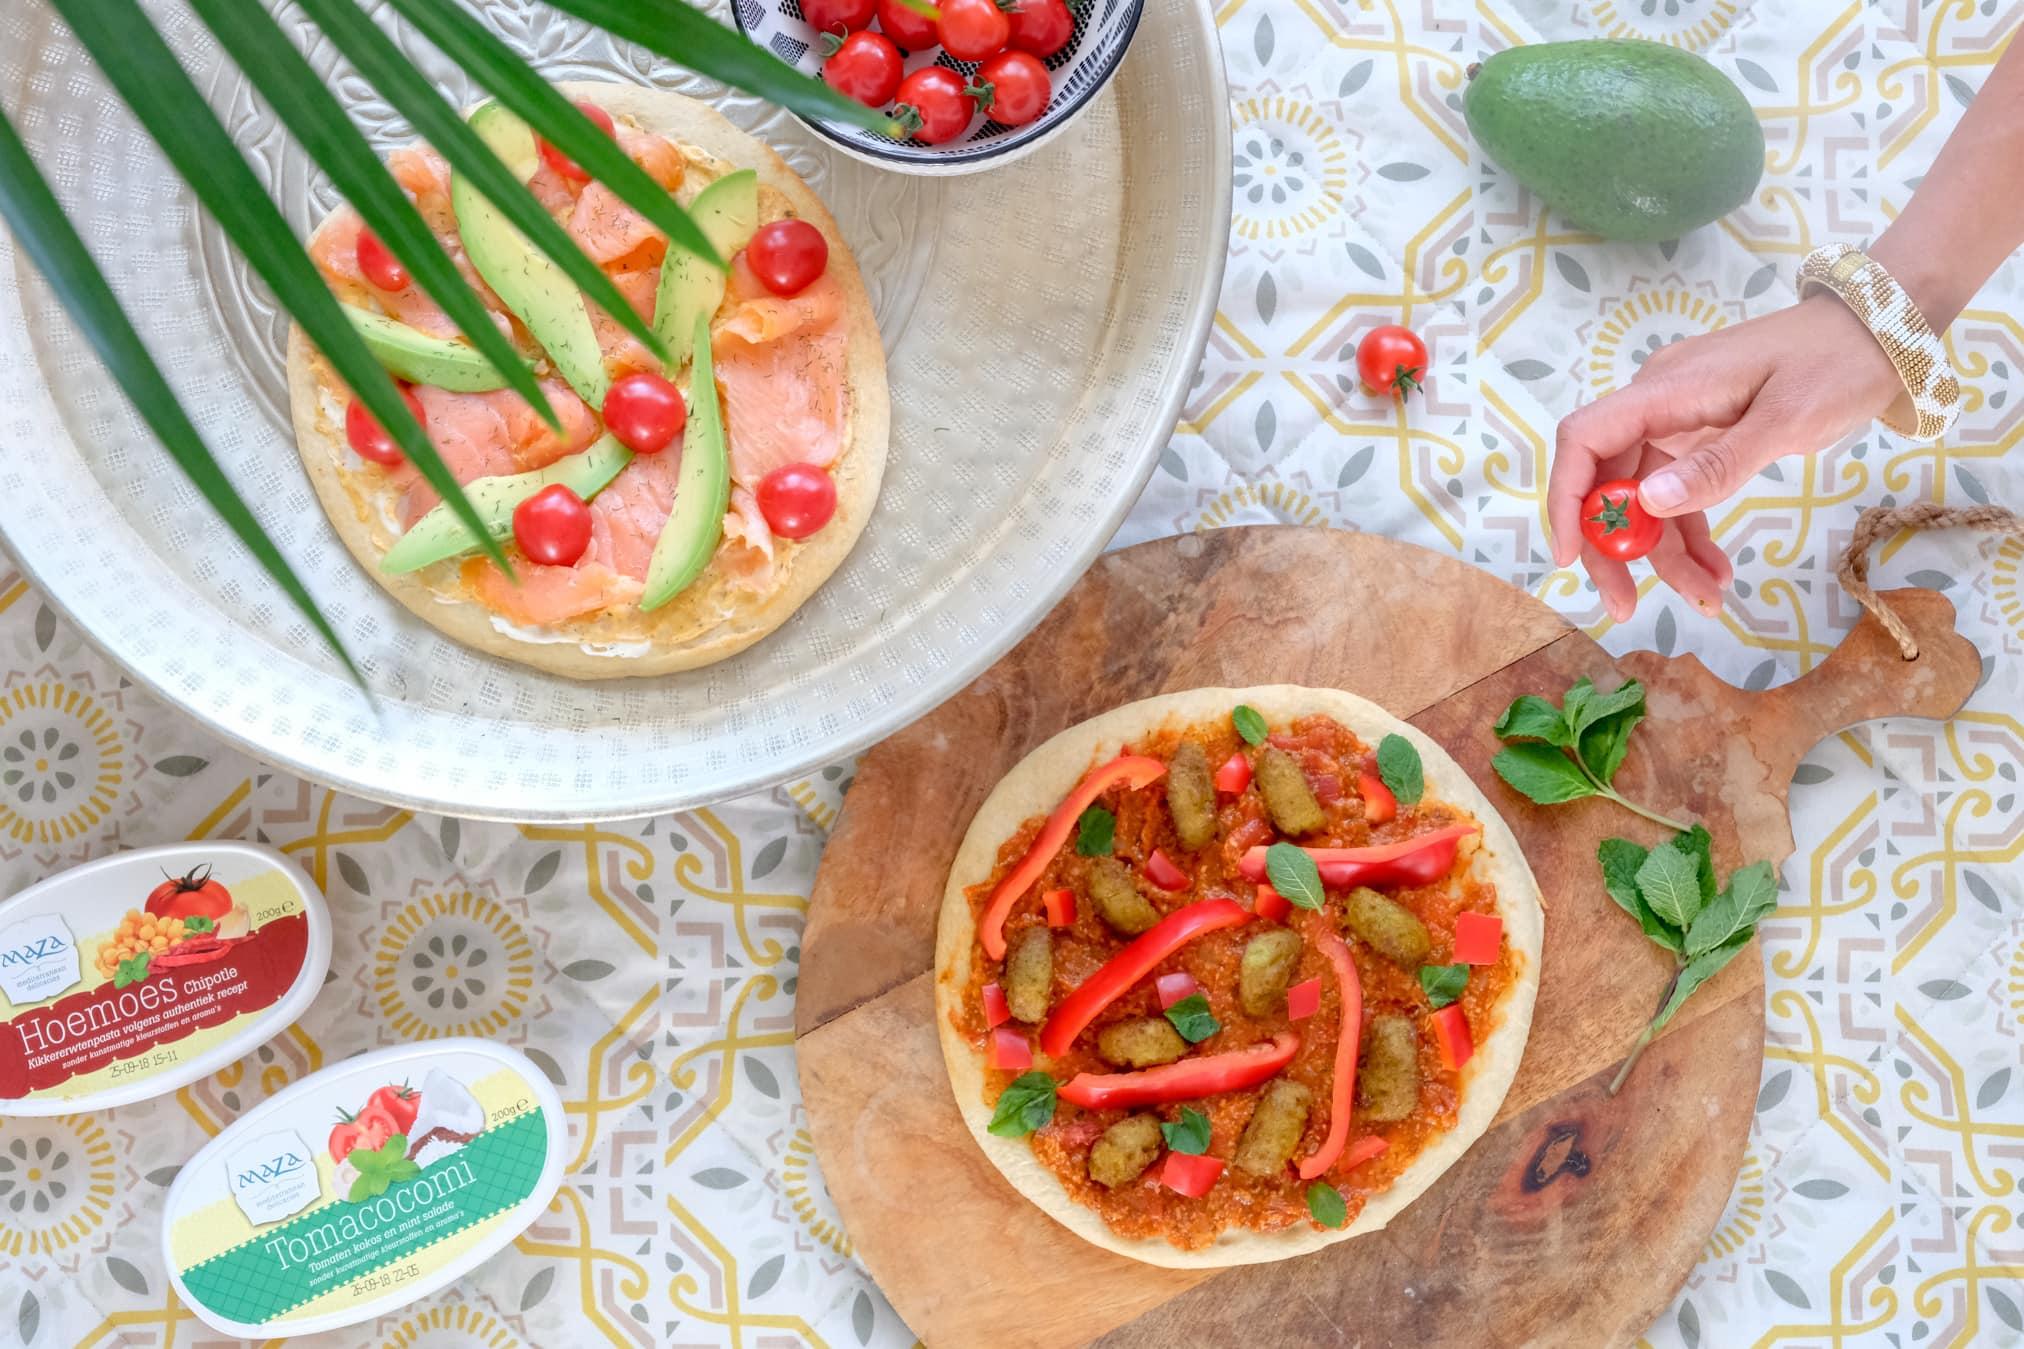 magioni pizza bodem bedekken met vis